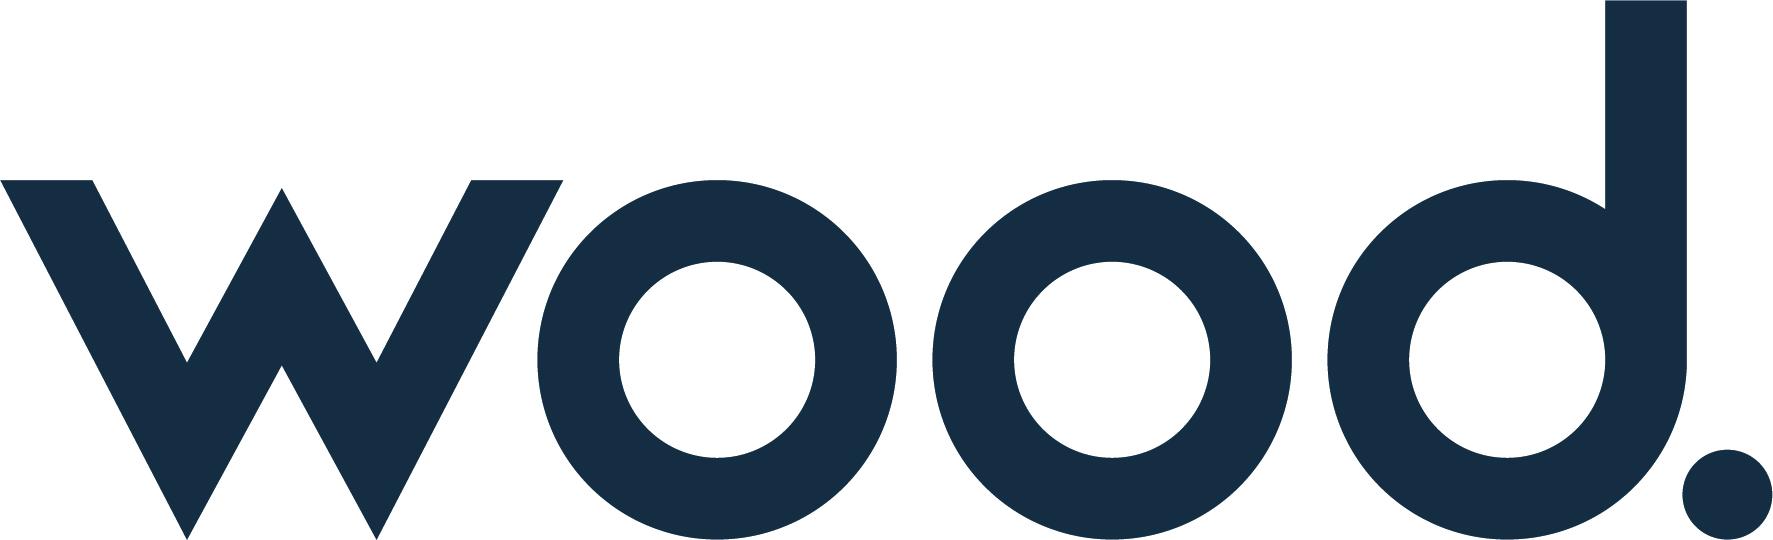 Wood-Group-USA.jpg